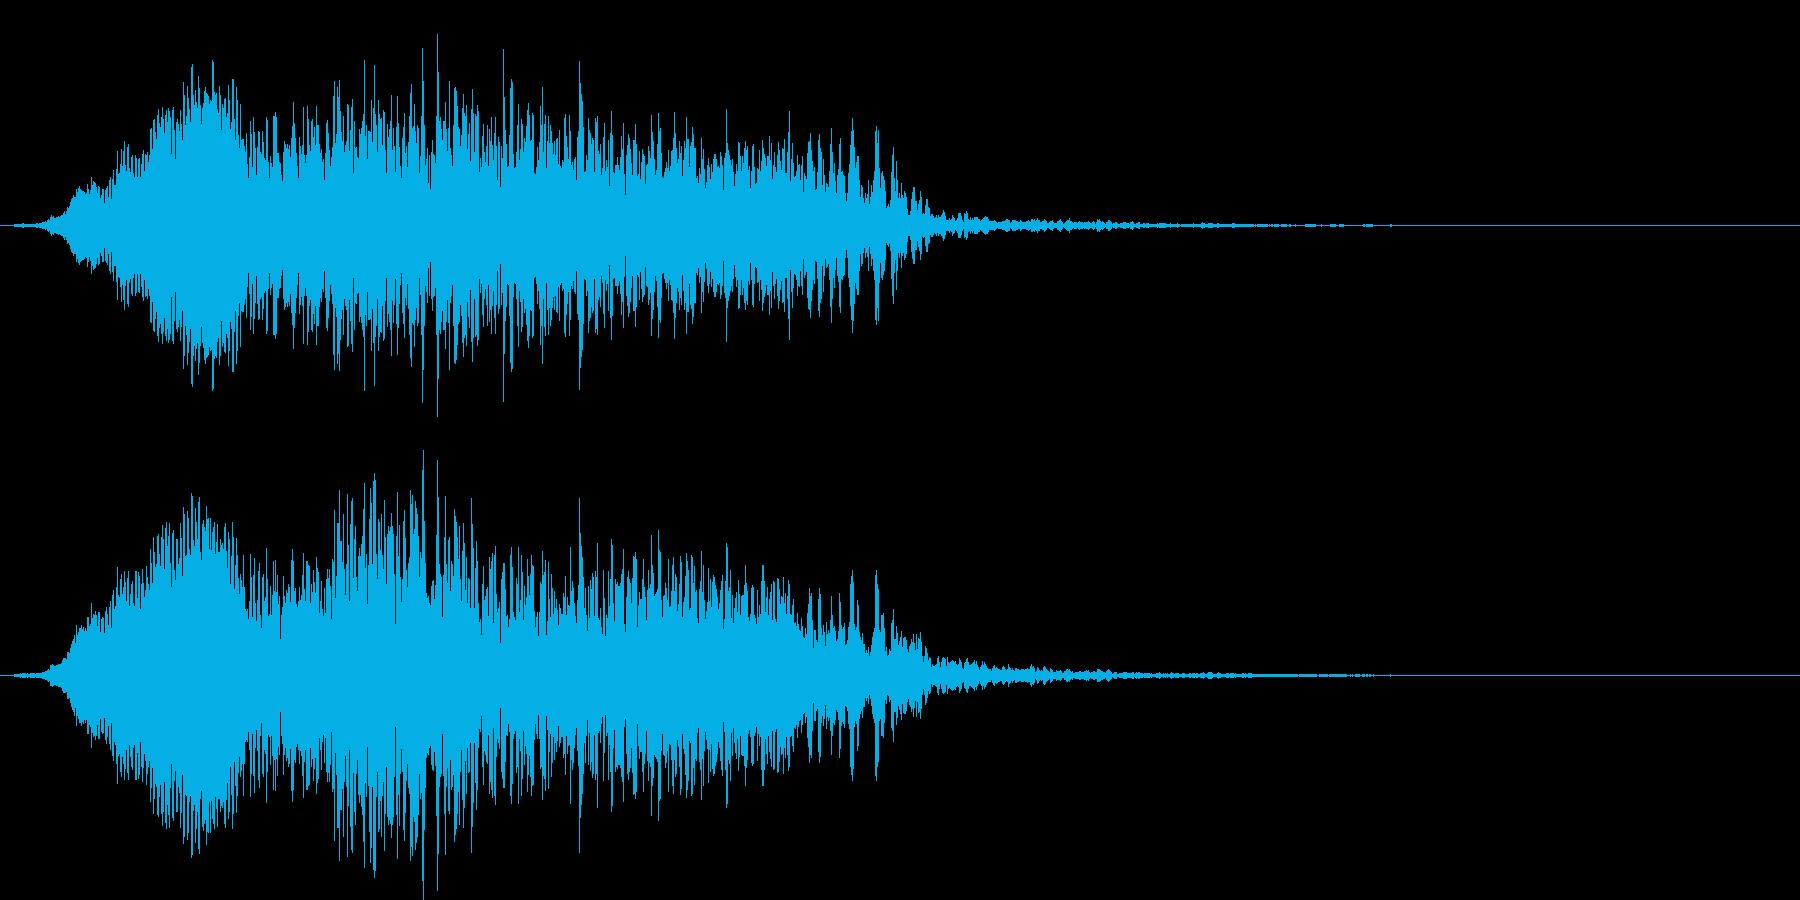 【ホラー・ゲーム】モンスターの声_02の再生済みの波形